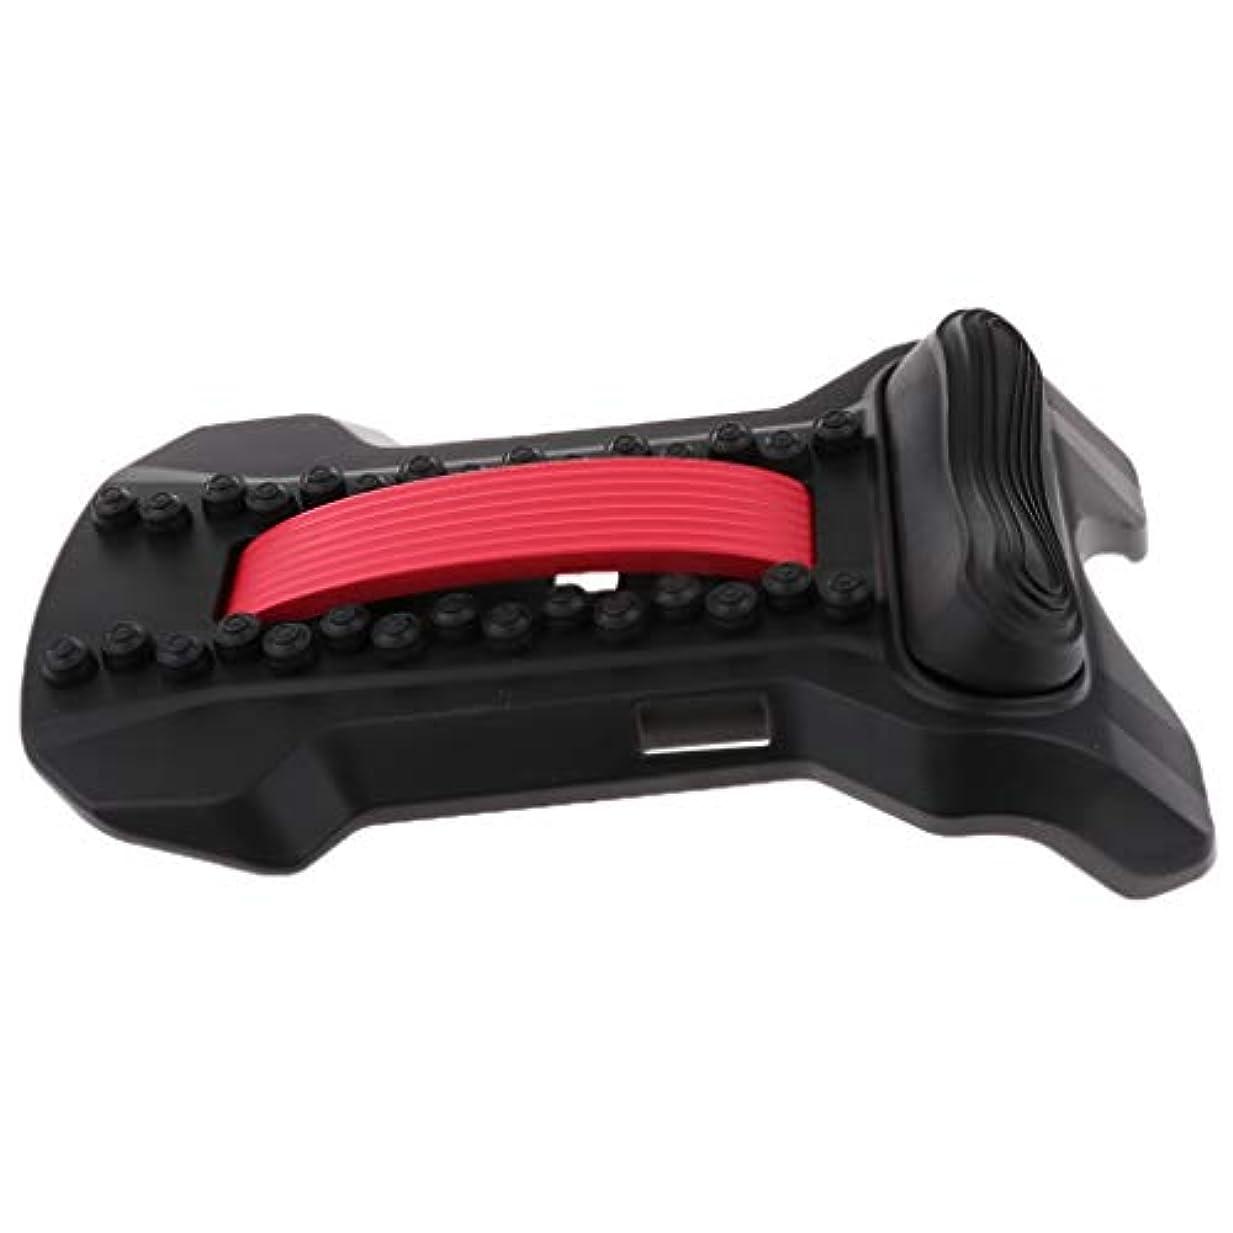 メダリストスピン地震腰椎サポート バック ストレッチャー 頸椎 ストレッチ マッサージャー ツボ押し 姿勢矯正 全5色 - 黒赤, 22×37×8cm